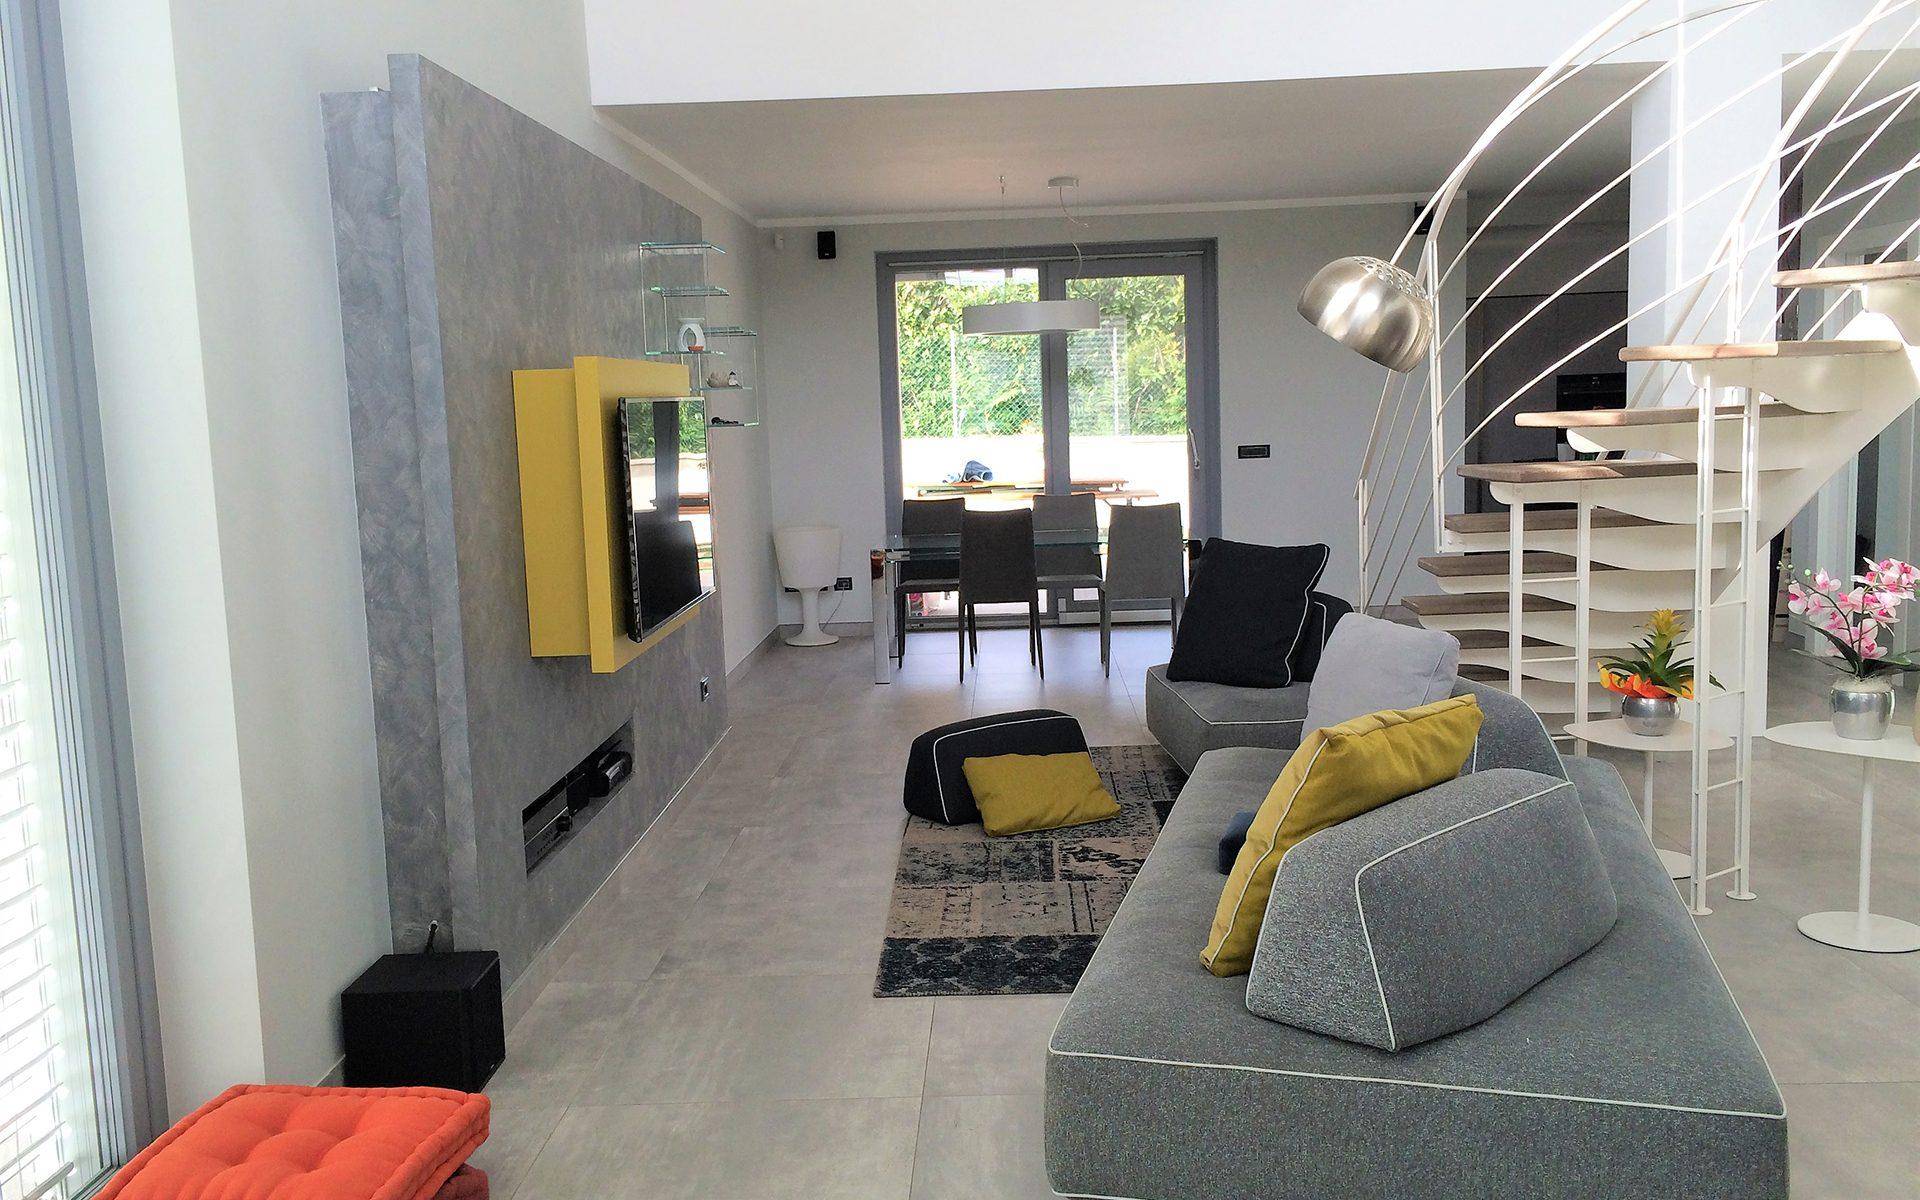 Arredamento Di Design arredamento di design per casa passiva - abitare creativo